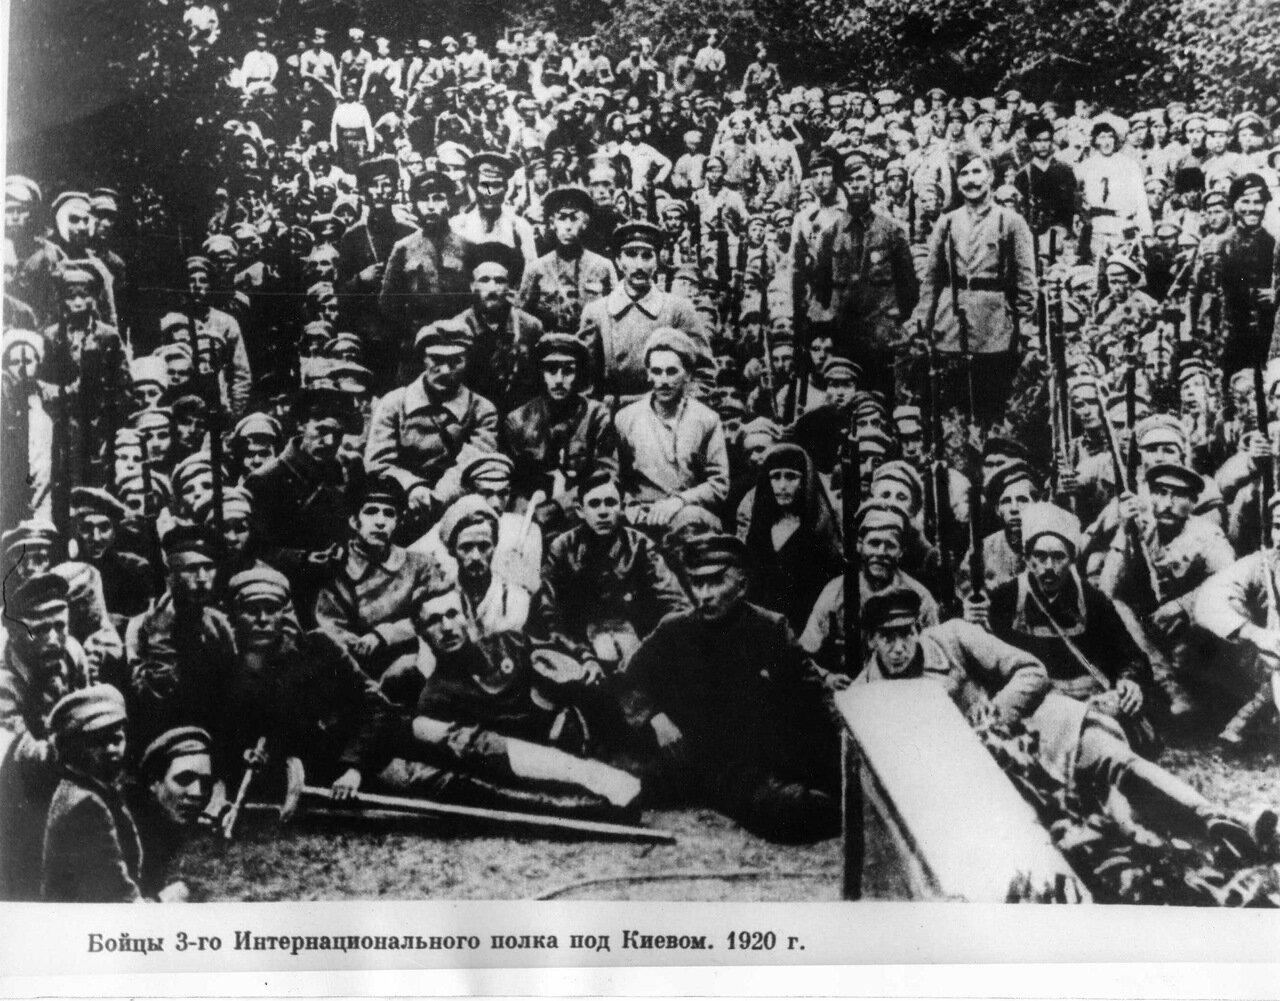 1920. Бойцы 3-го Интернационального полка под Киевом